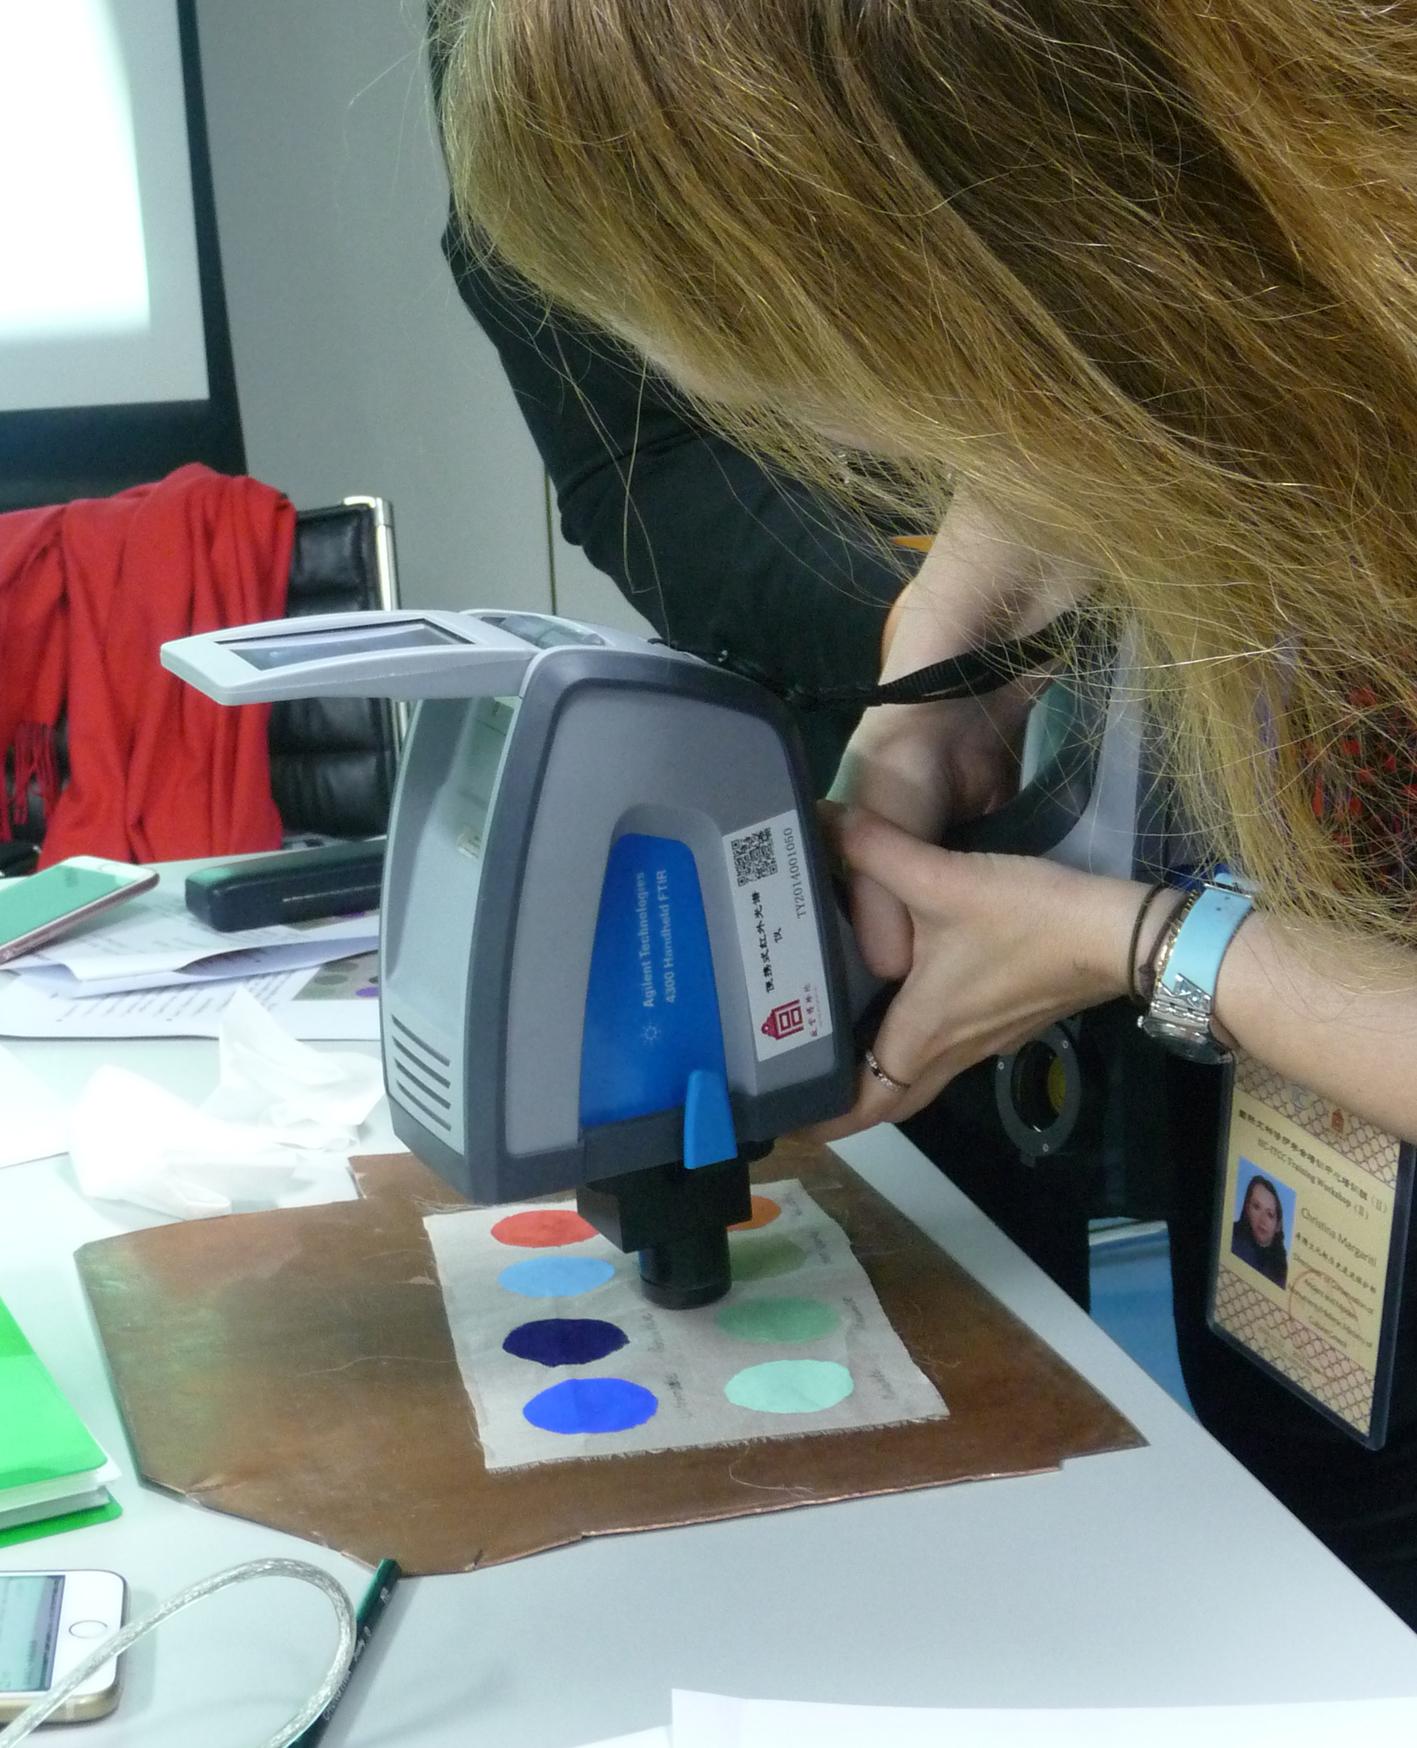 FTIR φασματοσκοπία υπέρυθρου με μετασχηματισμό Fourier www.artextiles.org